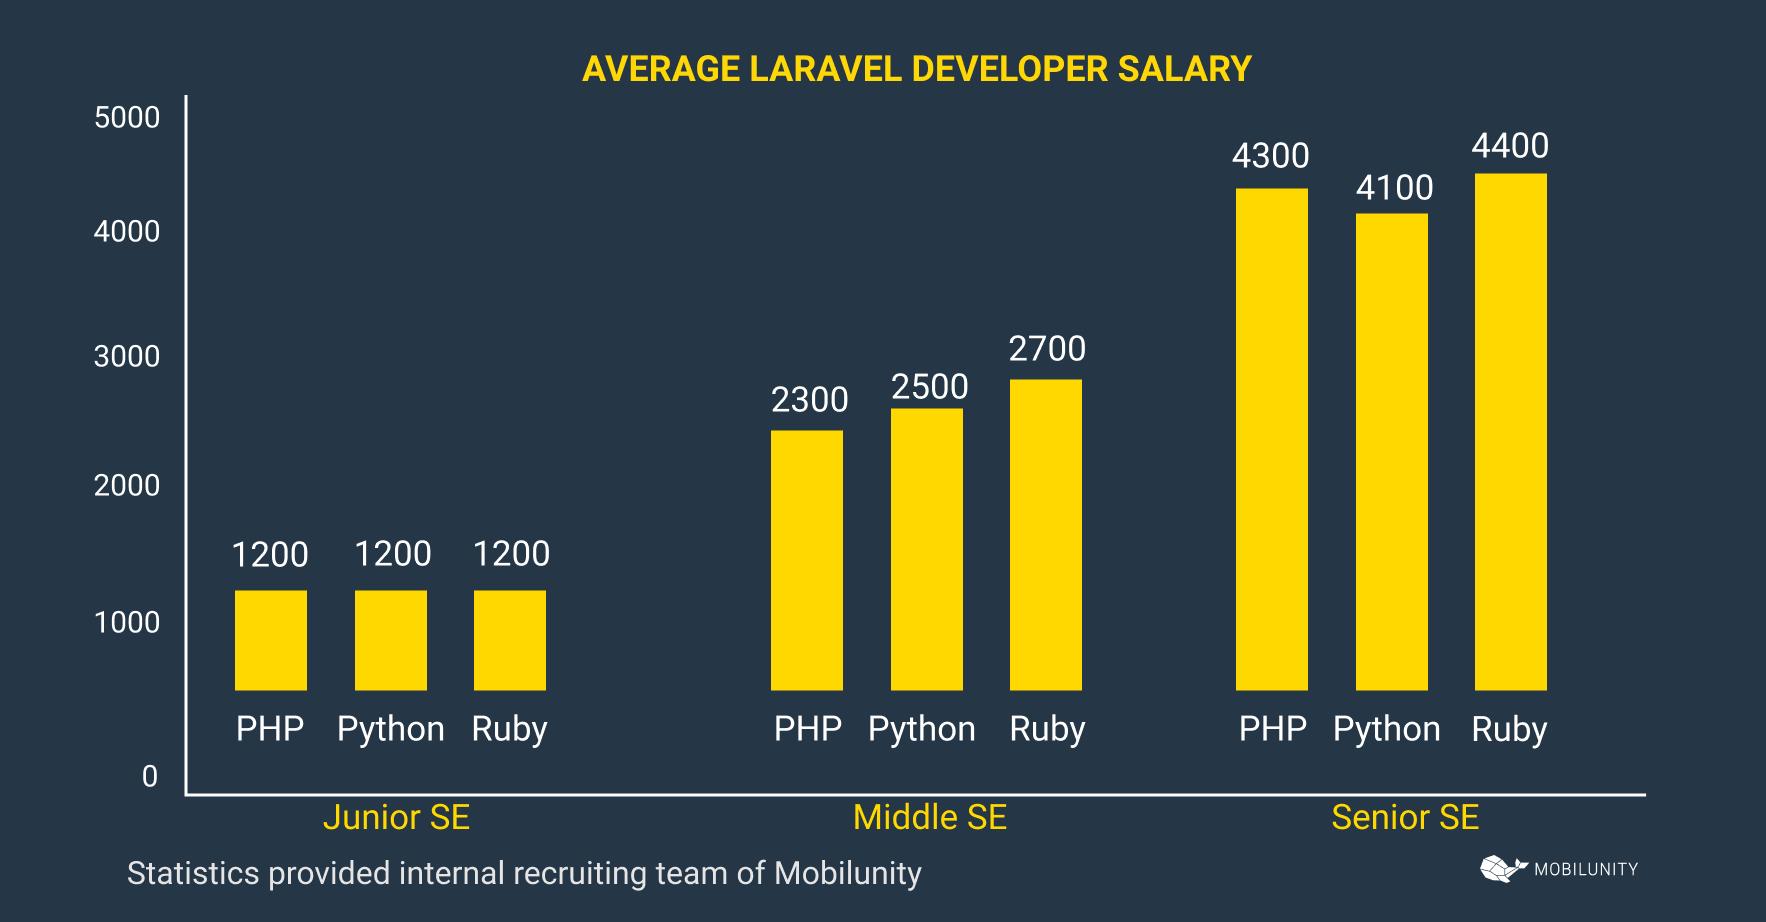 laravel developer salary